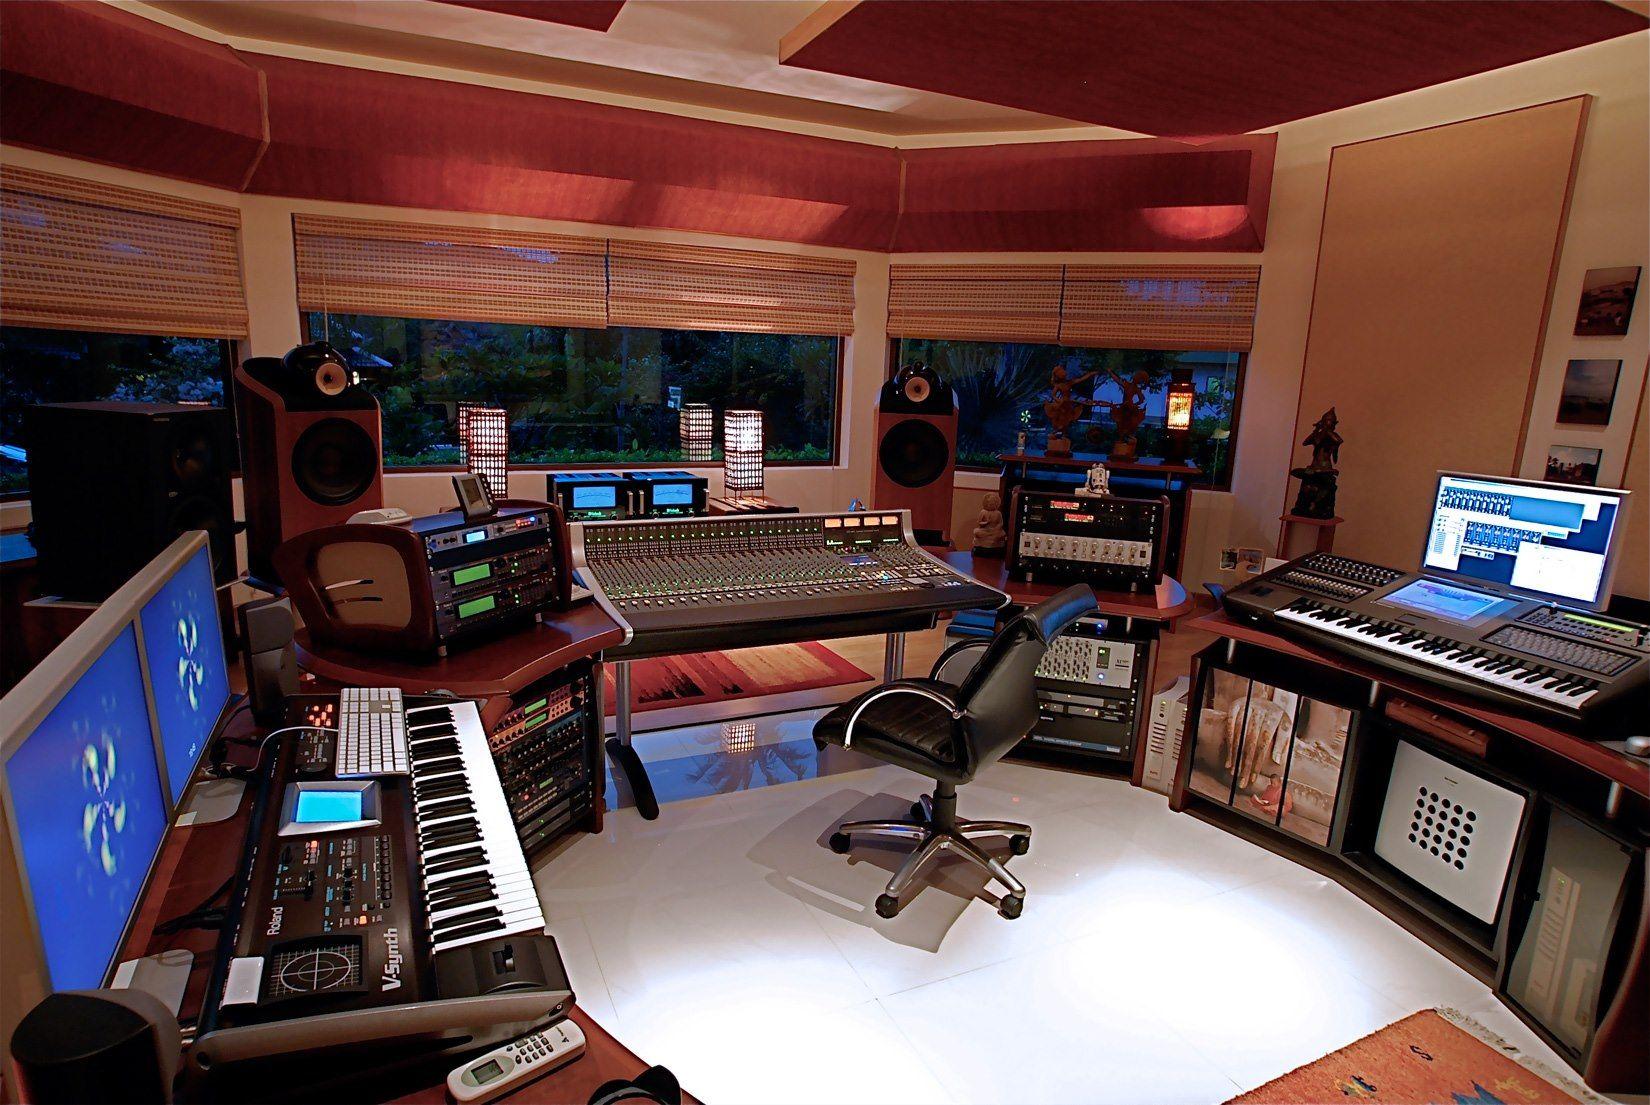 Art N Audio Studios Thailand Home Studio Music Music Studio Room Recording Studio